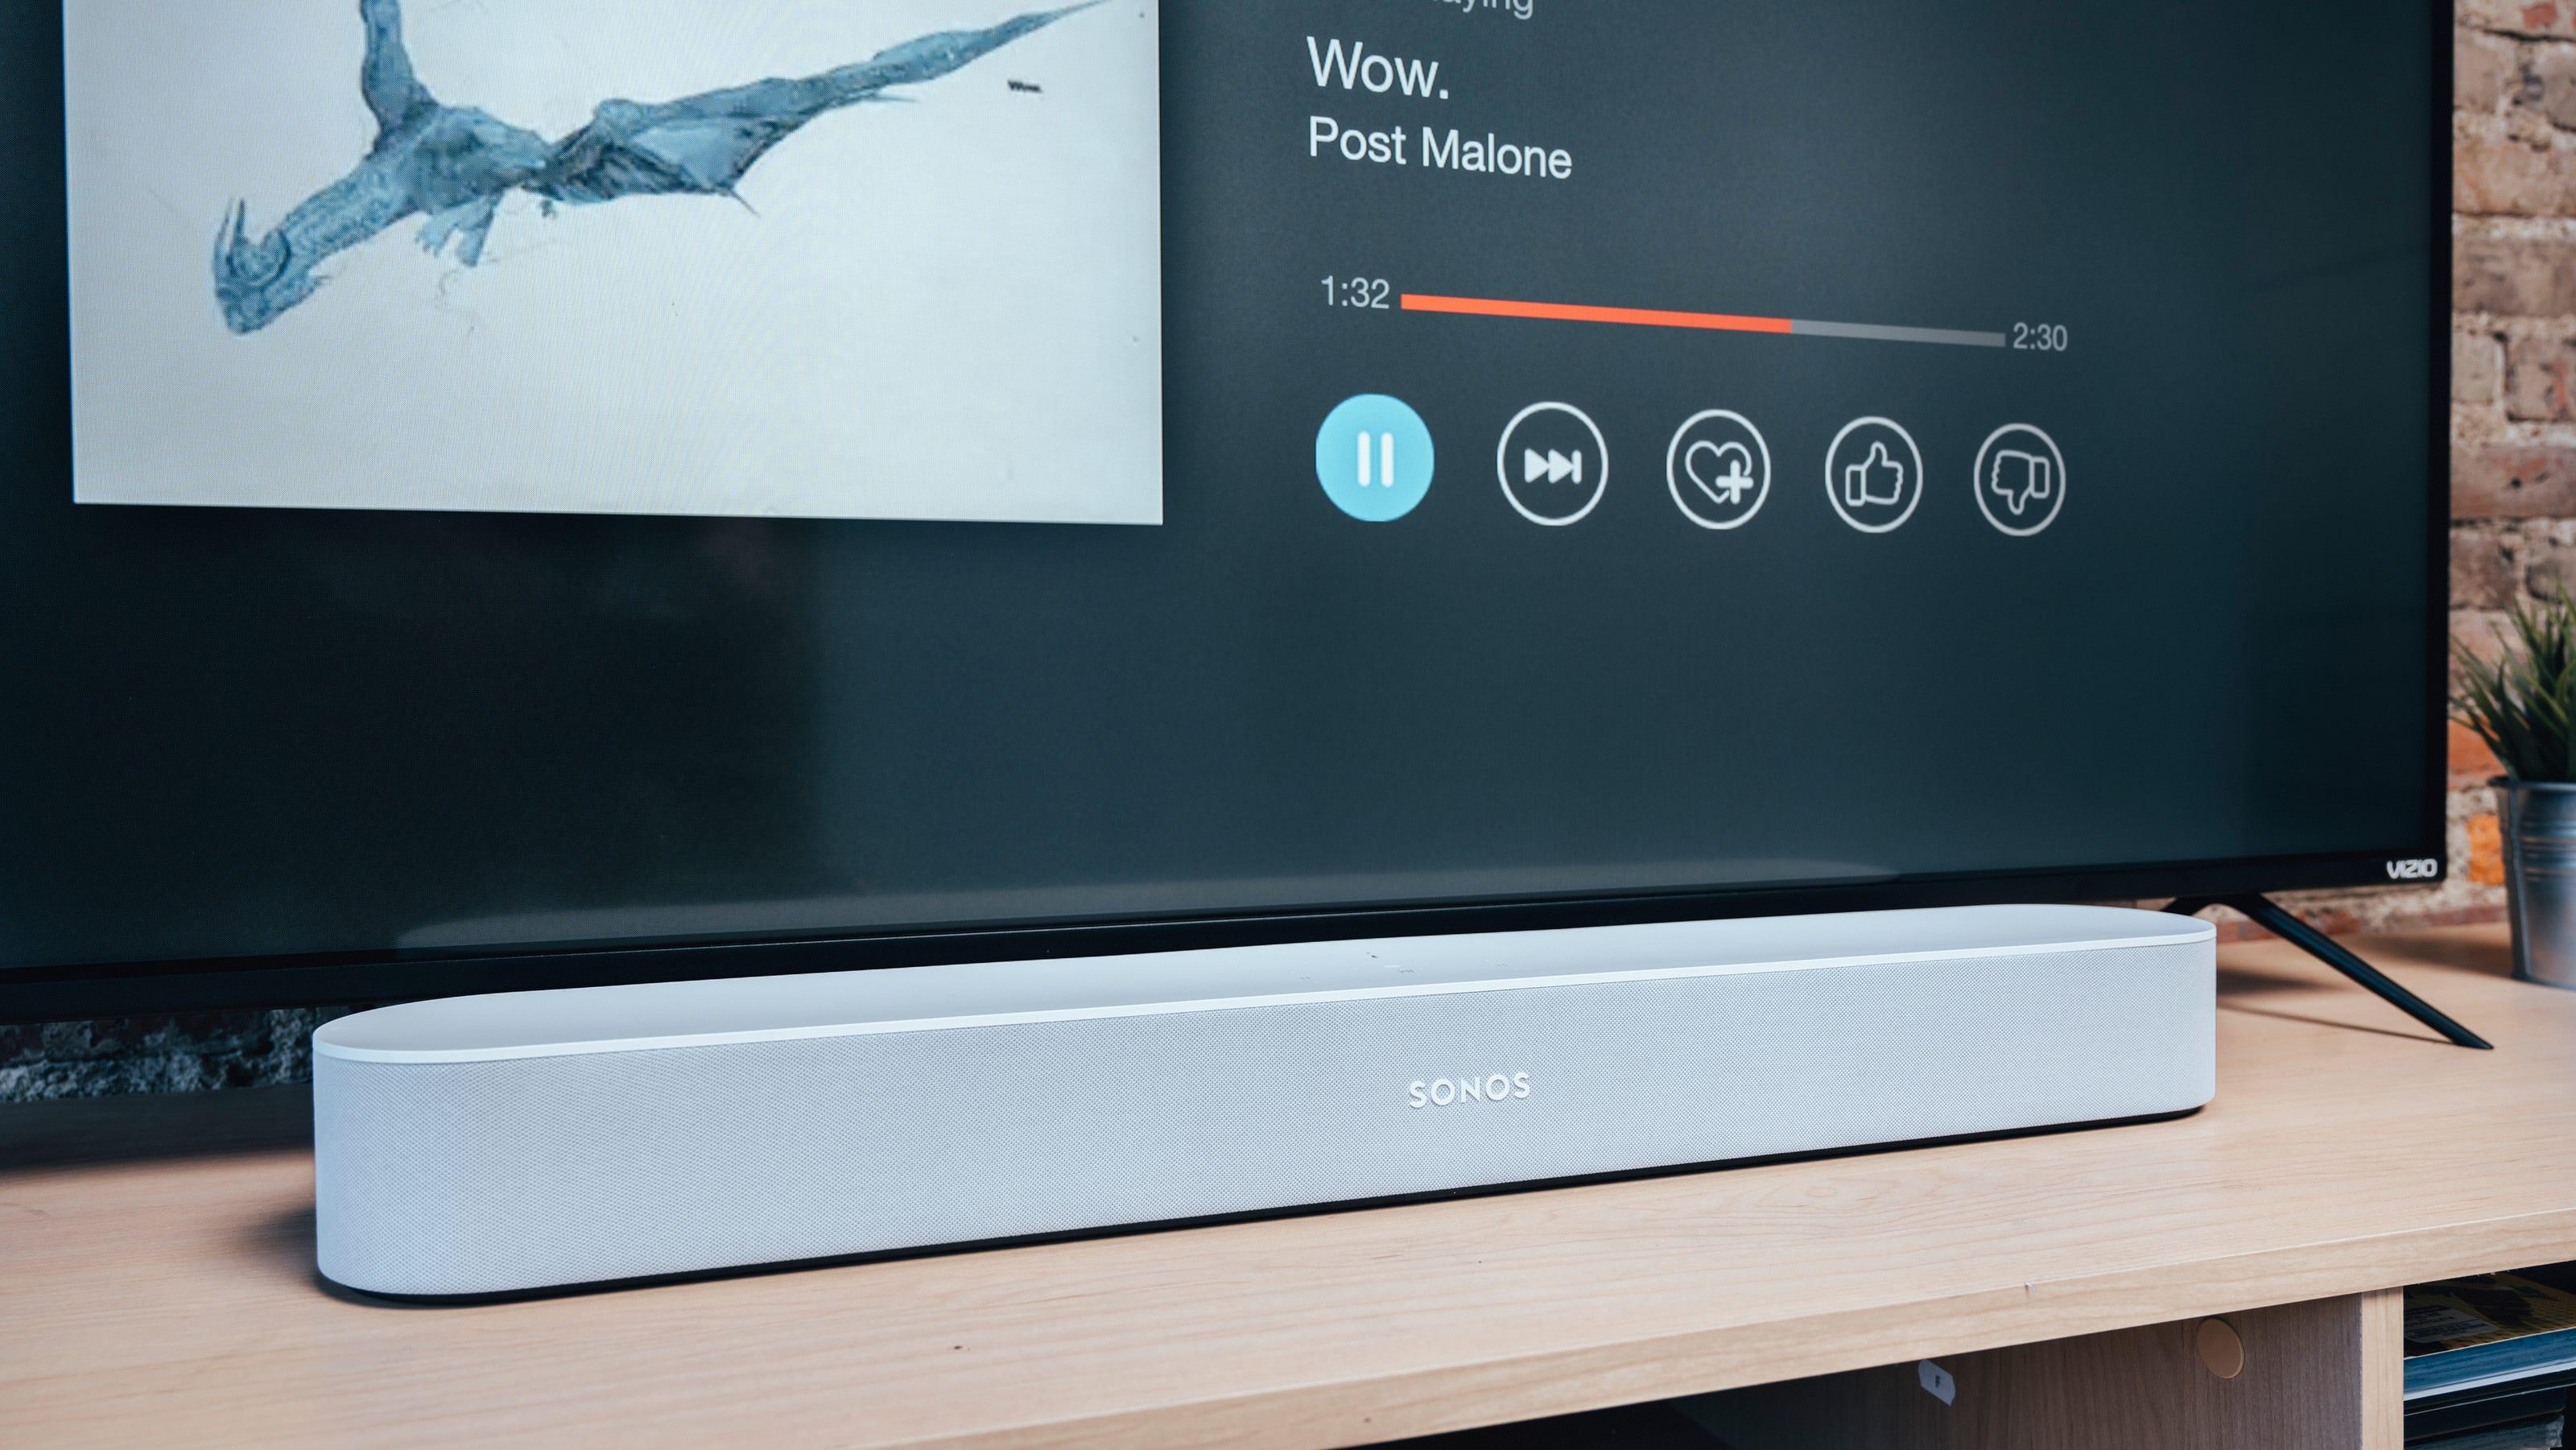 https://www.gannett-cdn.com/presto/2019/07/15/USAT/6a91bc07-c6af-4038-a3ef-5fd3764e4a61-Sonos-Beam-Jackson-Ruckar-Reviewed.jpg